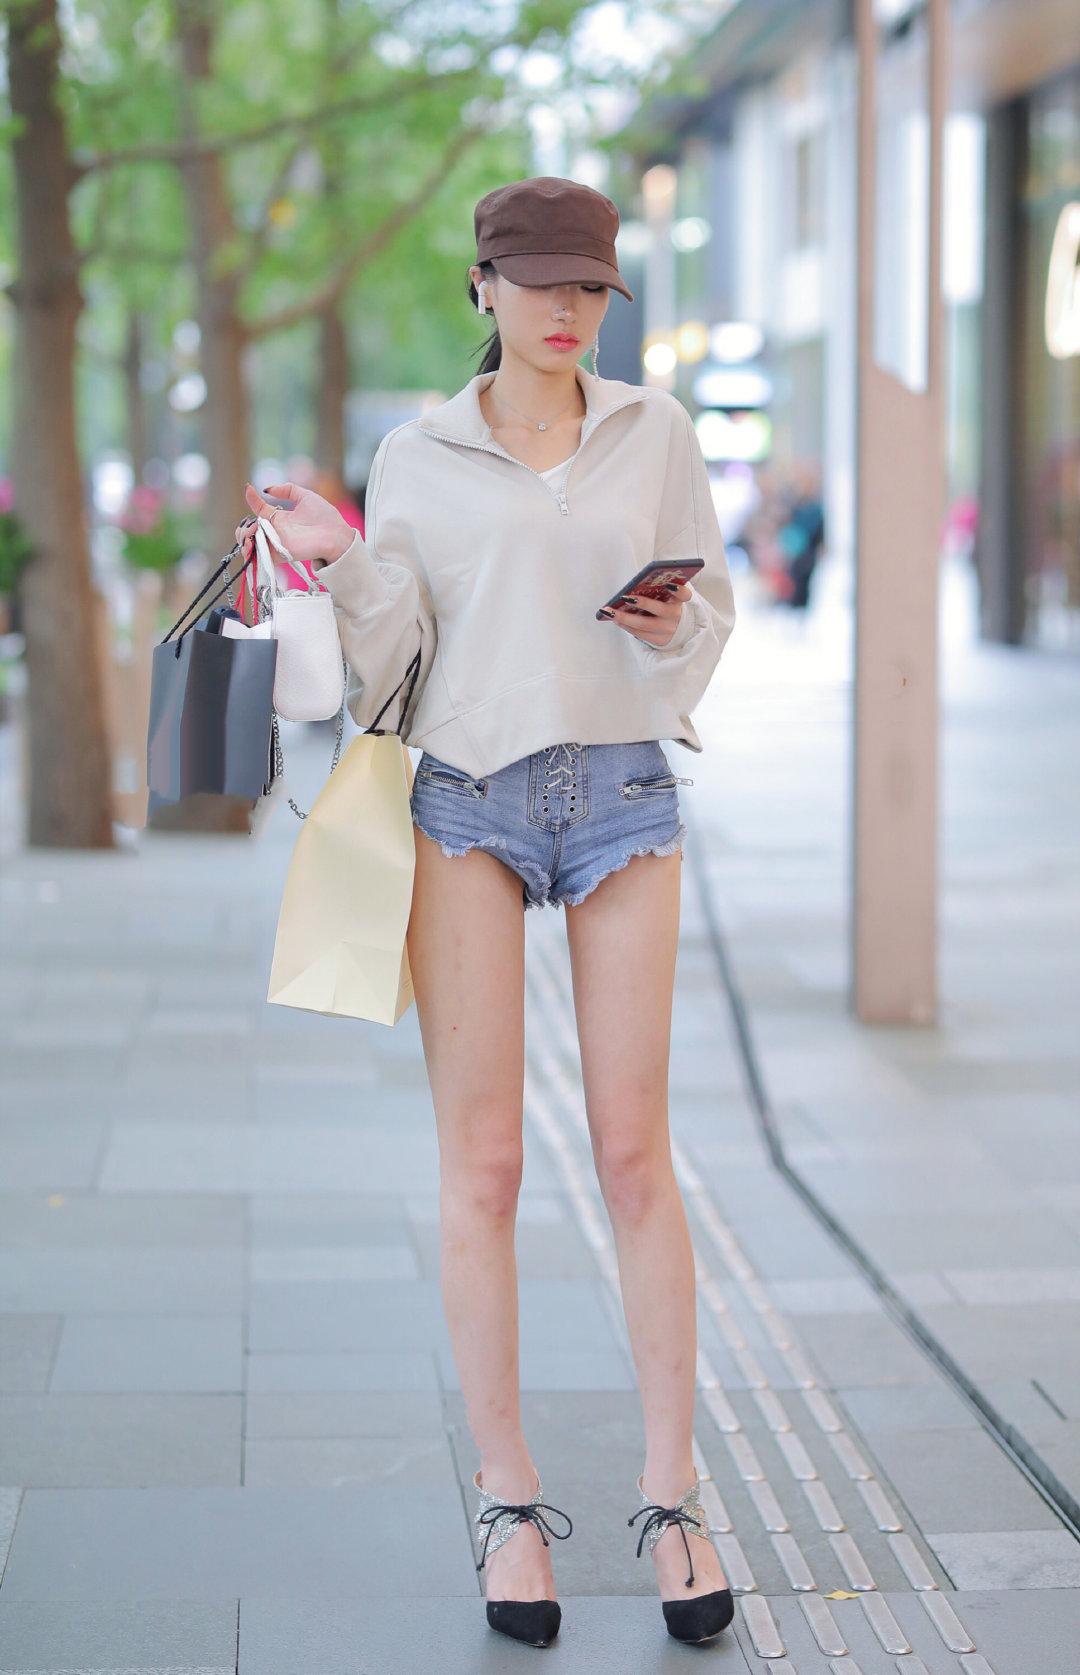 彩世界APP圈怪现象,一条短裤穿四